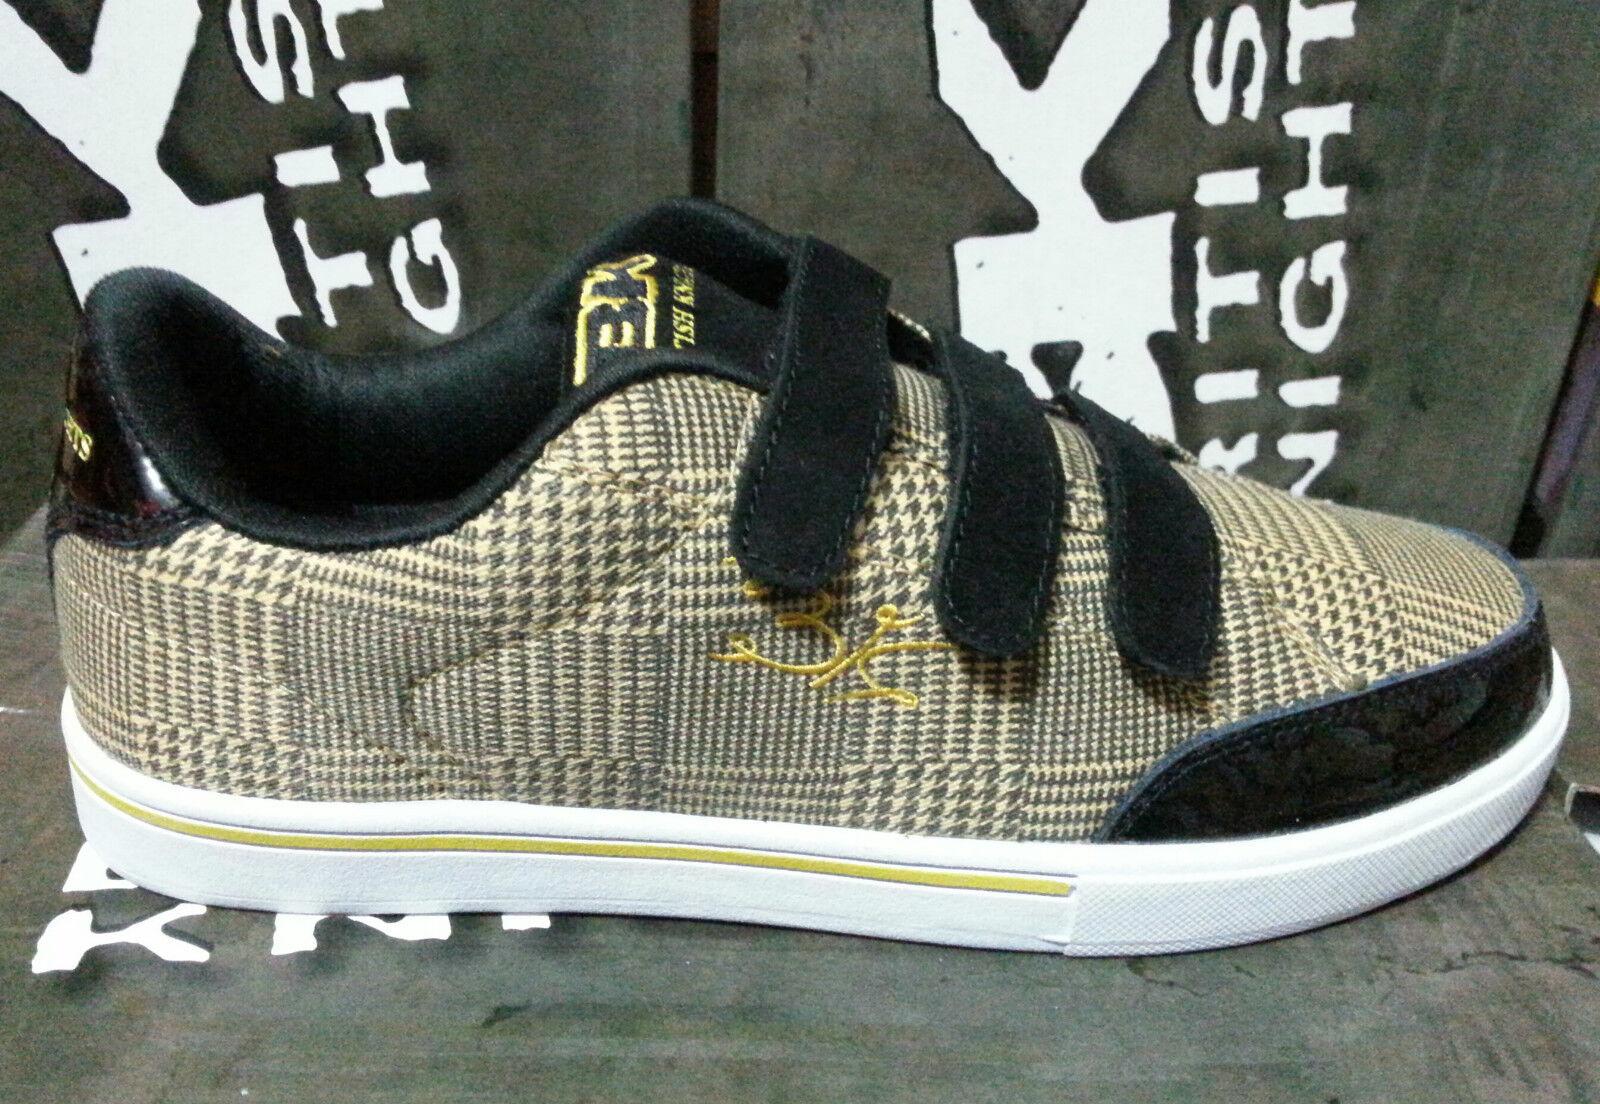 BK Tyrax British Knights Scarpe Sneaker Tyrax BK Yellow Giallo Vernice bc7689